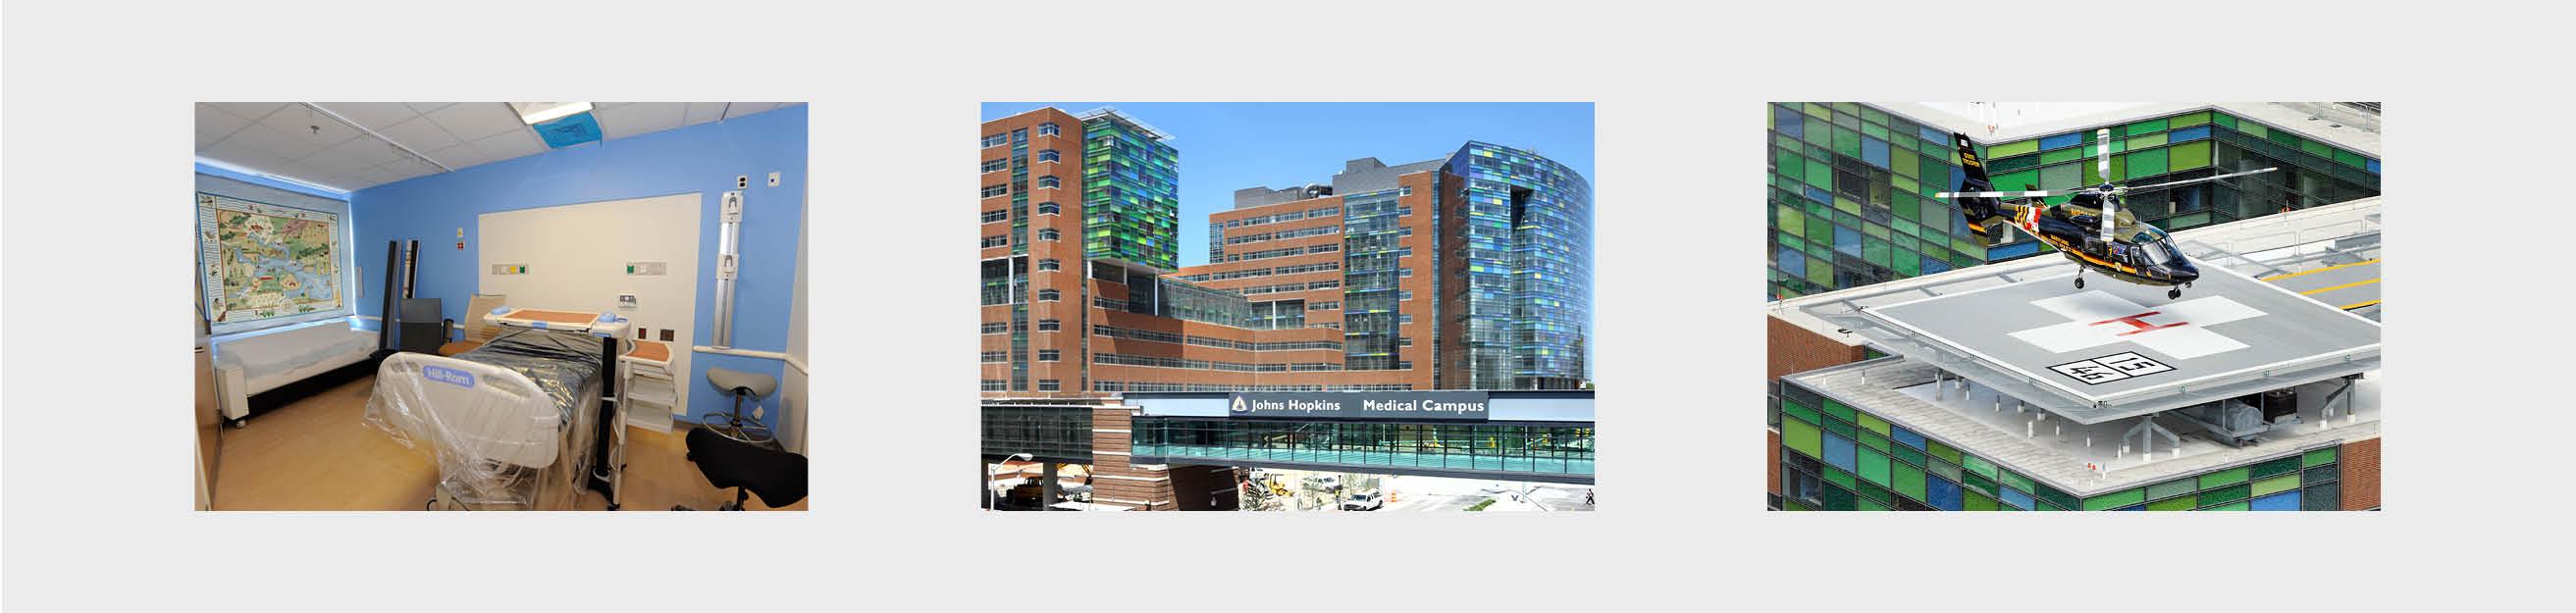 The-Johns-Hopkins-Hospital